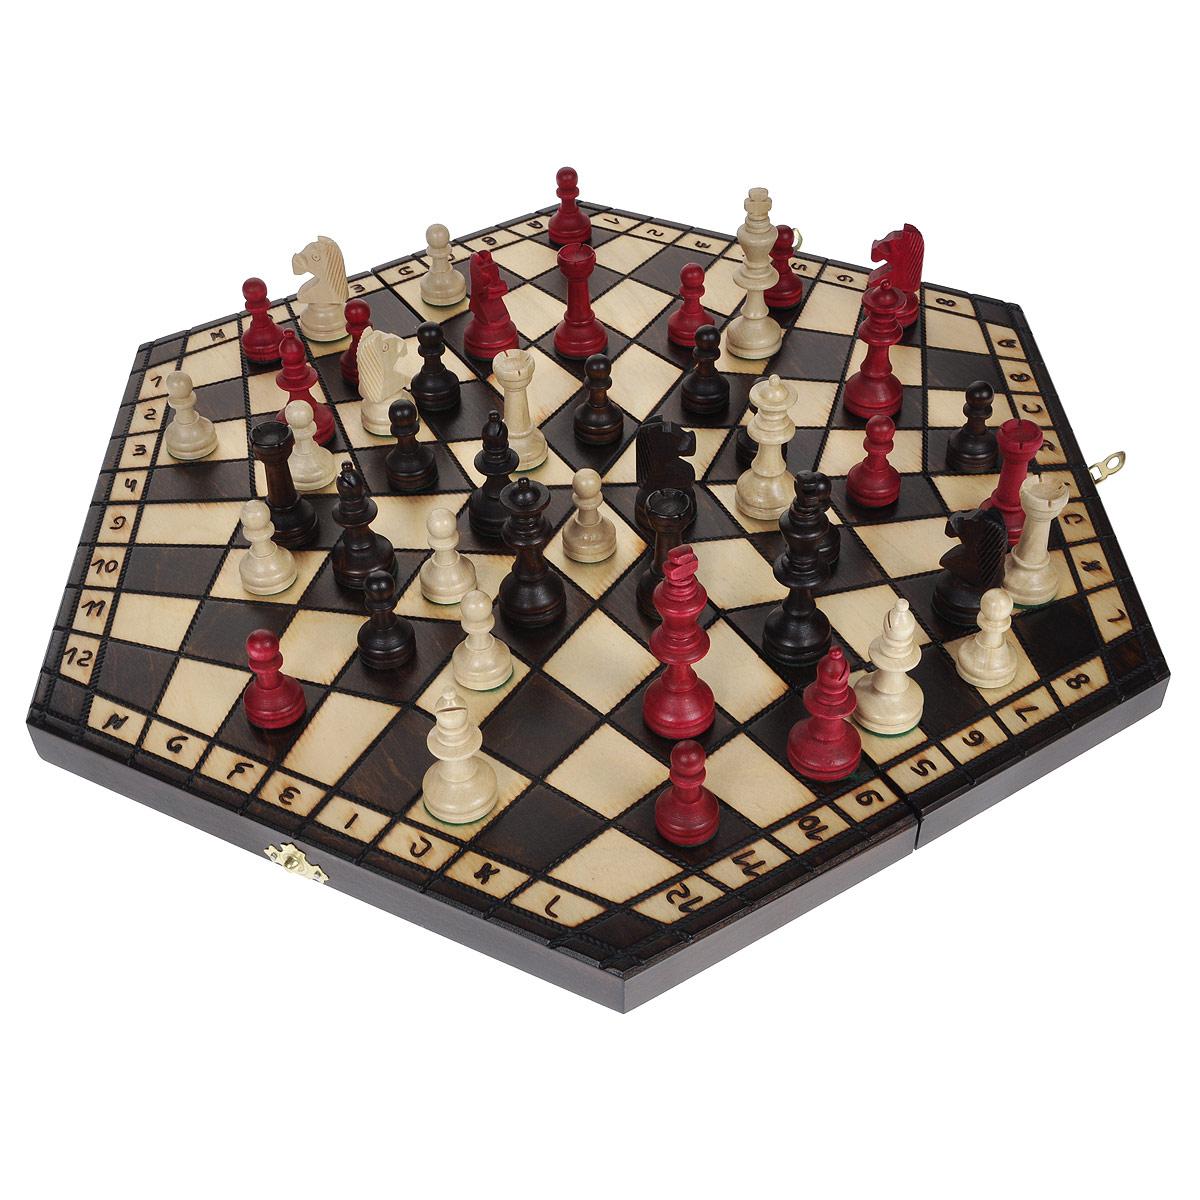 Шахматы Madon На троих, размер: 27х47х5 см. 162162Шахматы На троих - это обычные классические шахматы, только для троих игроков. Игра представляет собой деревянный кейс, закрывающийся на два замка-защелки. Внешняя поверхность кейса - игровое поле в форме правильного шестиугольника. В этом основное отличие от классических шахмат. Внутри - 3 ячейки для хранения шахматных фигур. Все фигуры - разных цветов (красный, коричневый, белый). Внутренняя поверхность кейса отделана бархатистой тканью красного цвета. Шахматная игра до сих пор была ограничена количеством двоих участников, в которой лучший игрок выигрывал с монотонной регулярностью. Шахматы На троих - это та же классическая игра, известная всем, но усовершенствованная для троих игроков, что делает ее уникальной и еще более интересной. В комплекте - подробная инструкция с правилами игры.